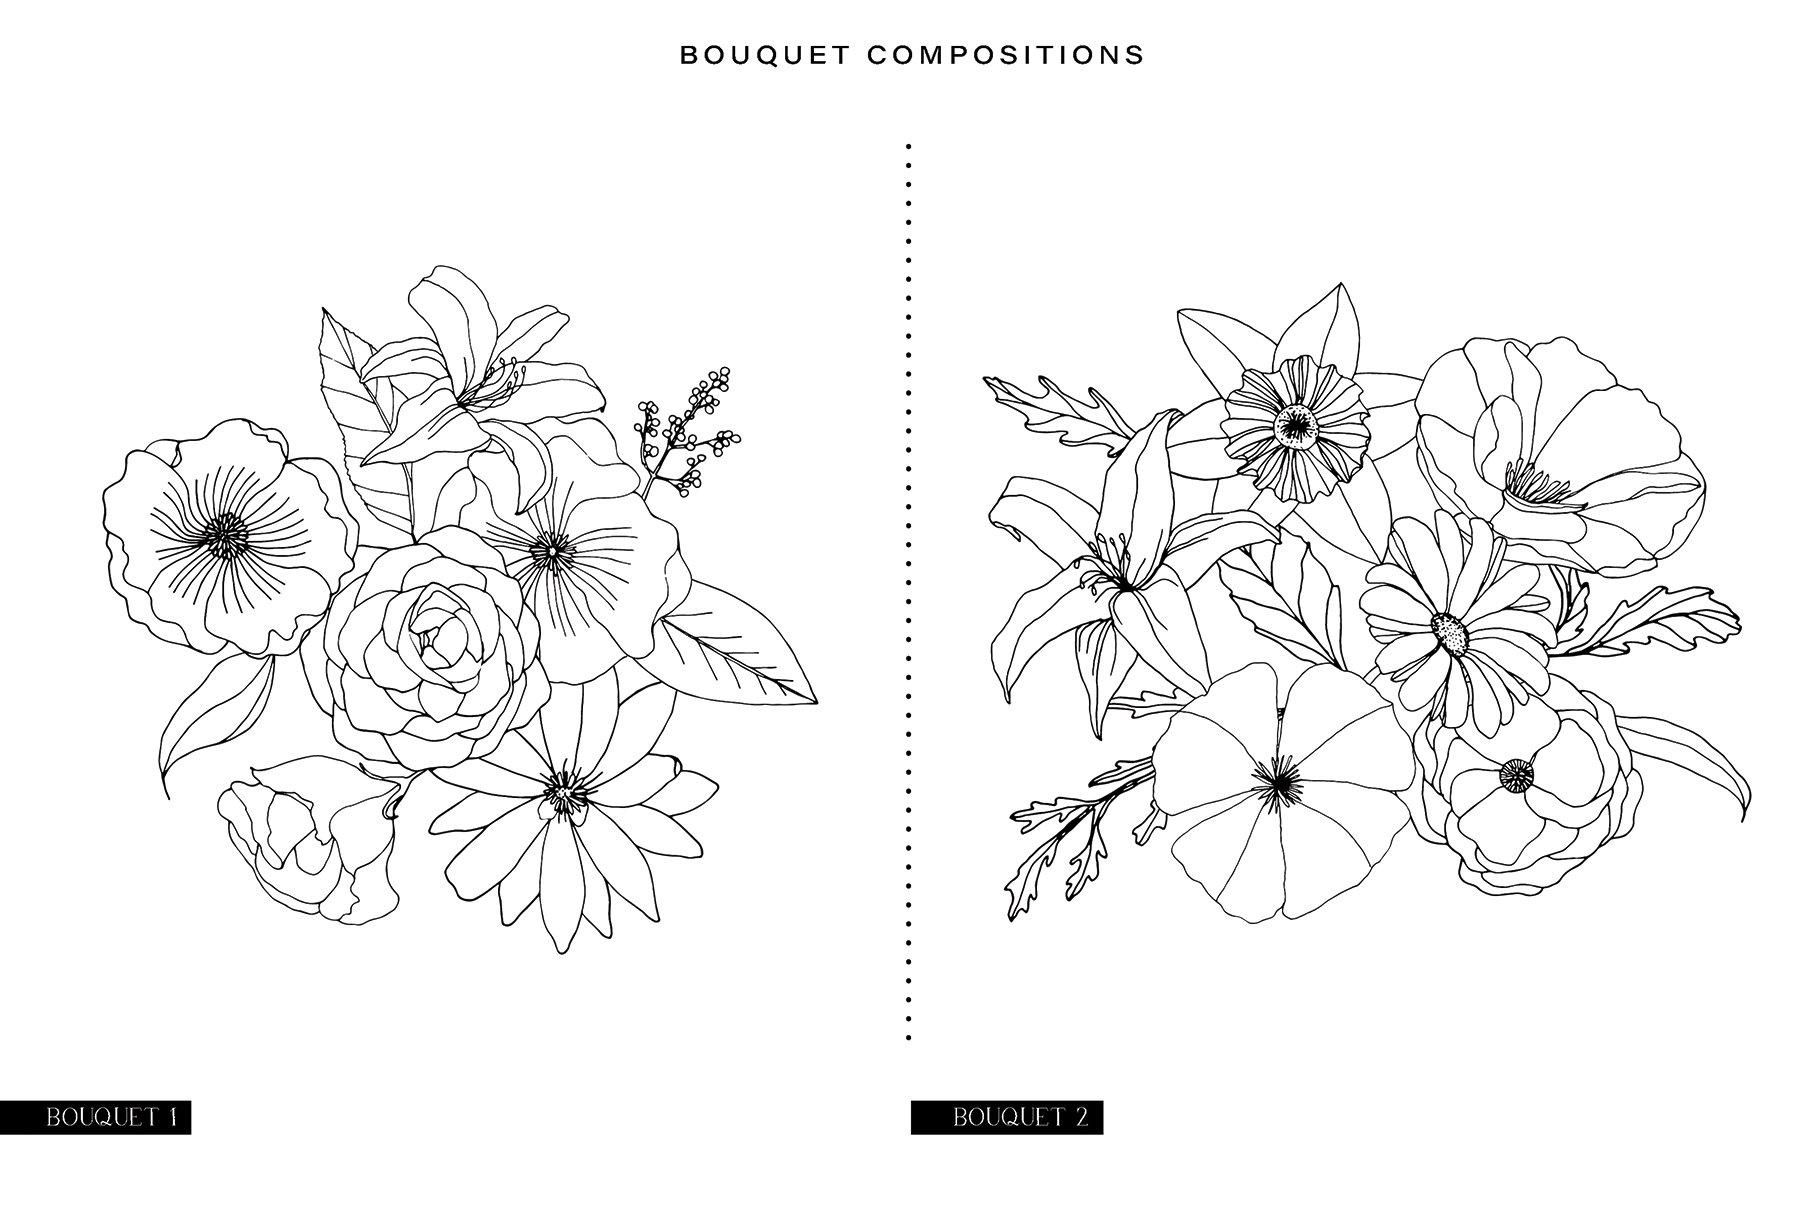 精美手绘花卉花朵无缝隙矢量线稿图案素材 Floral Blast Patterns And Bouquets插图(13)